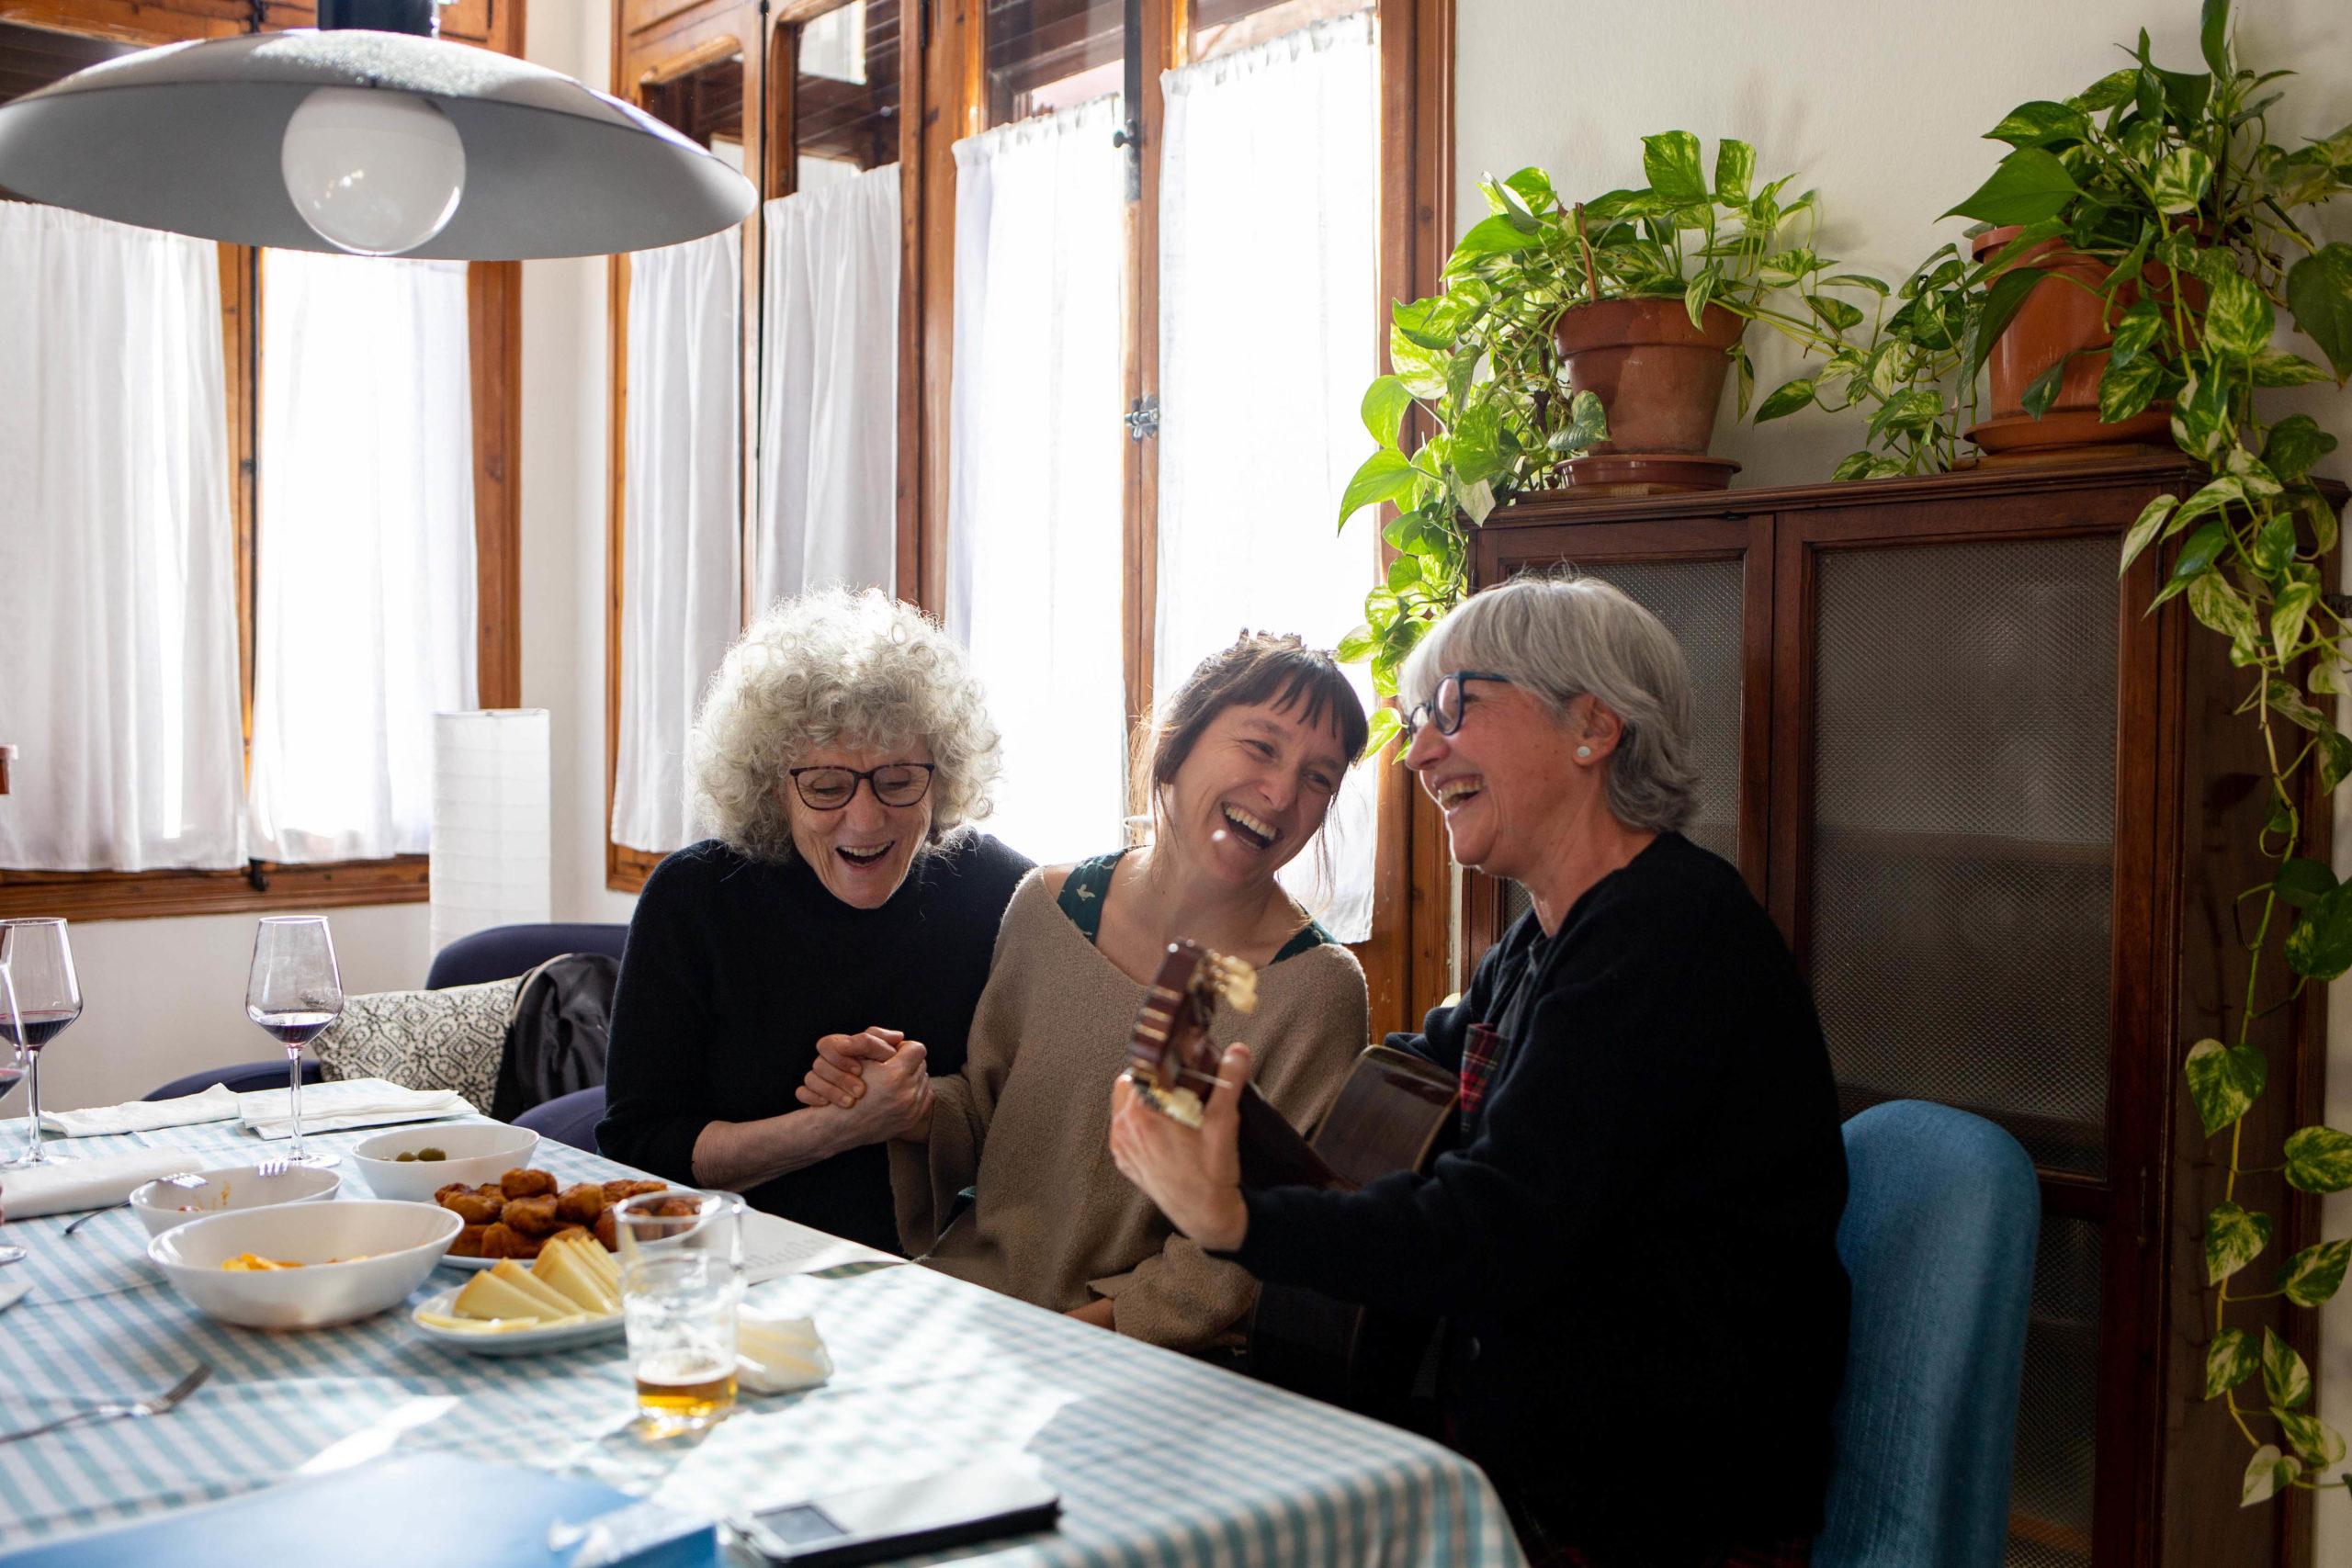 Tres amigues tocant la guitarra i rient al menjador de casa